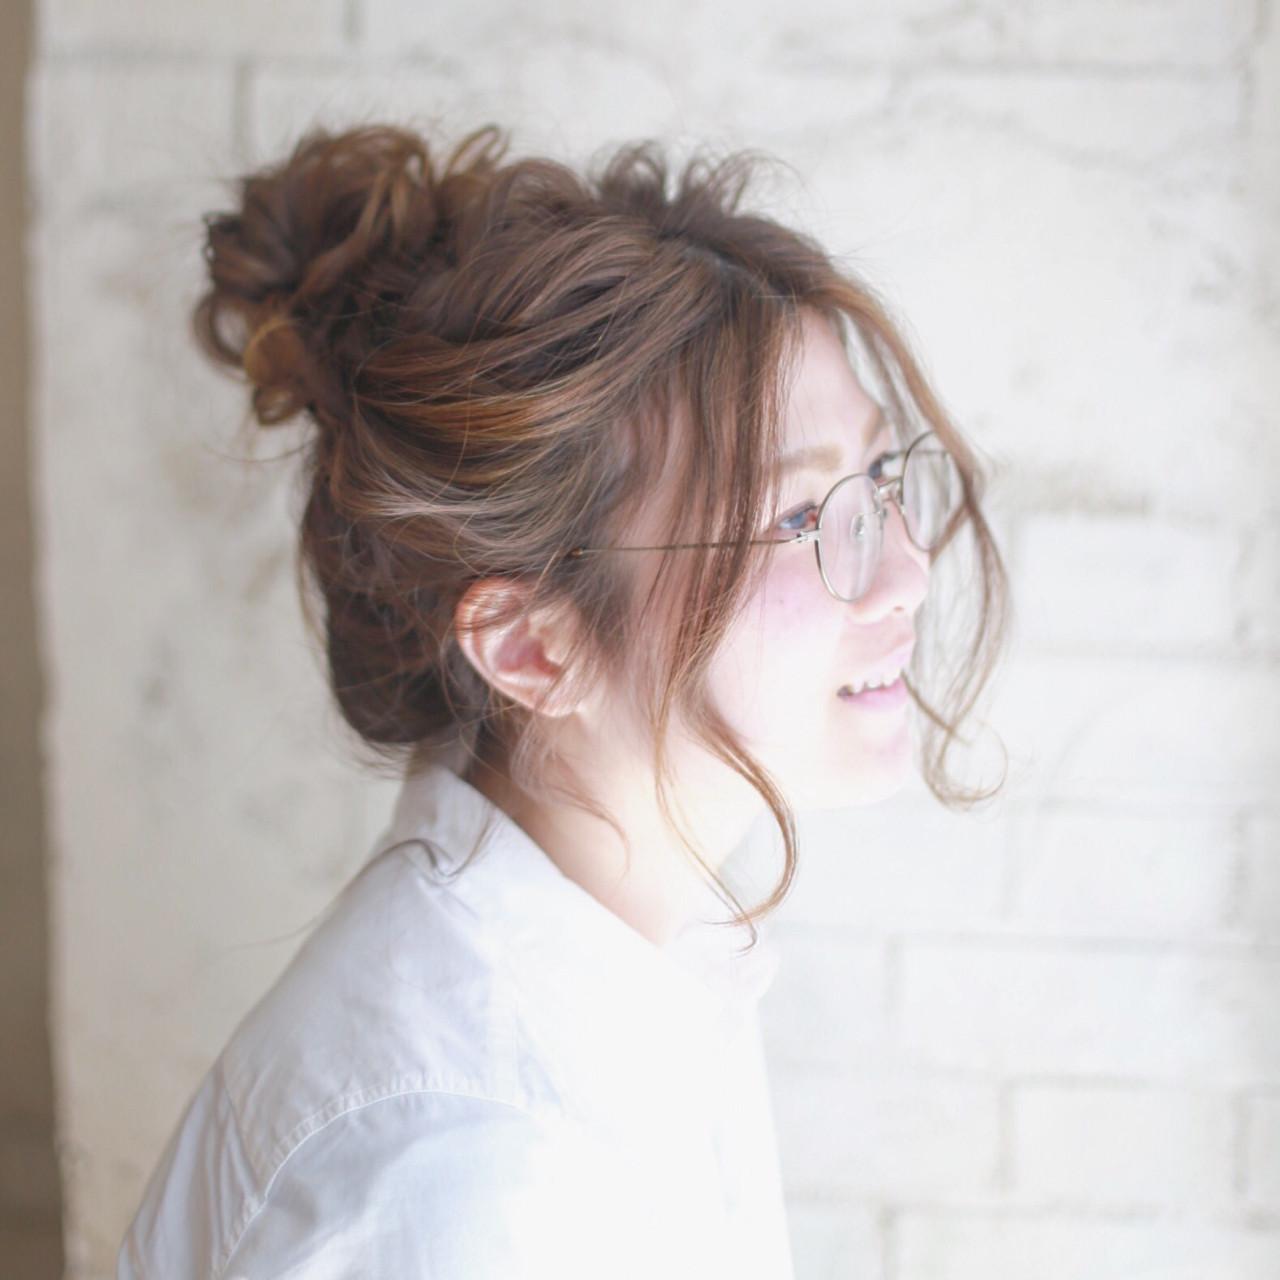 お団子 ショート ゆるふわ ヘアアレンジ ヘアスタイルや髪型の写真・画像